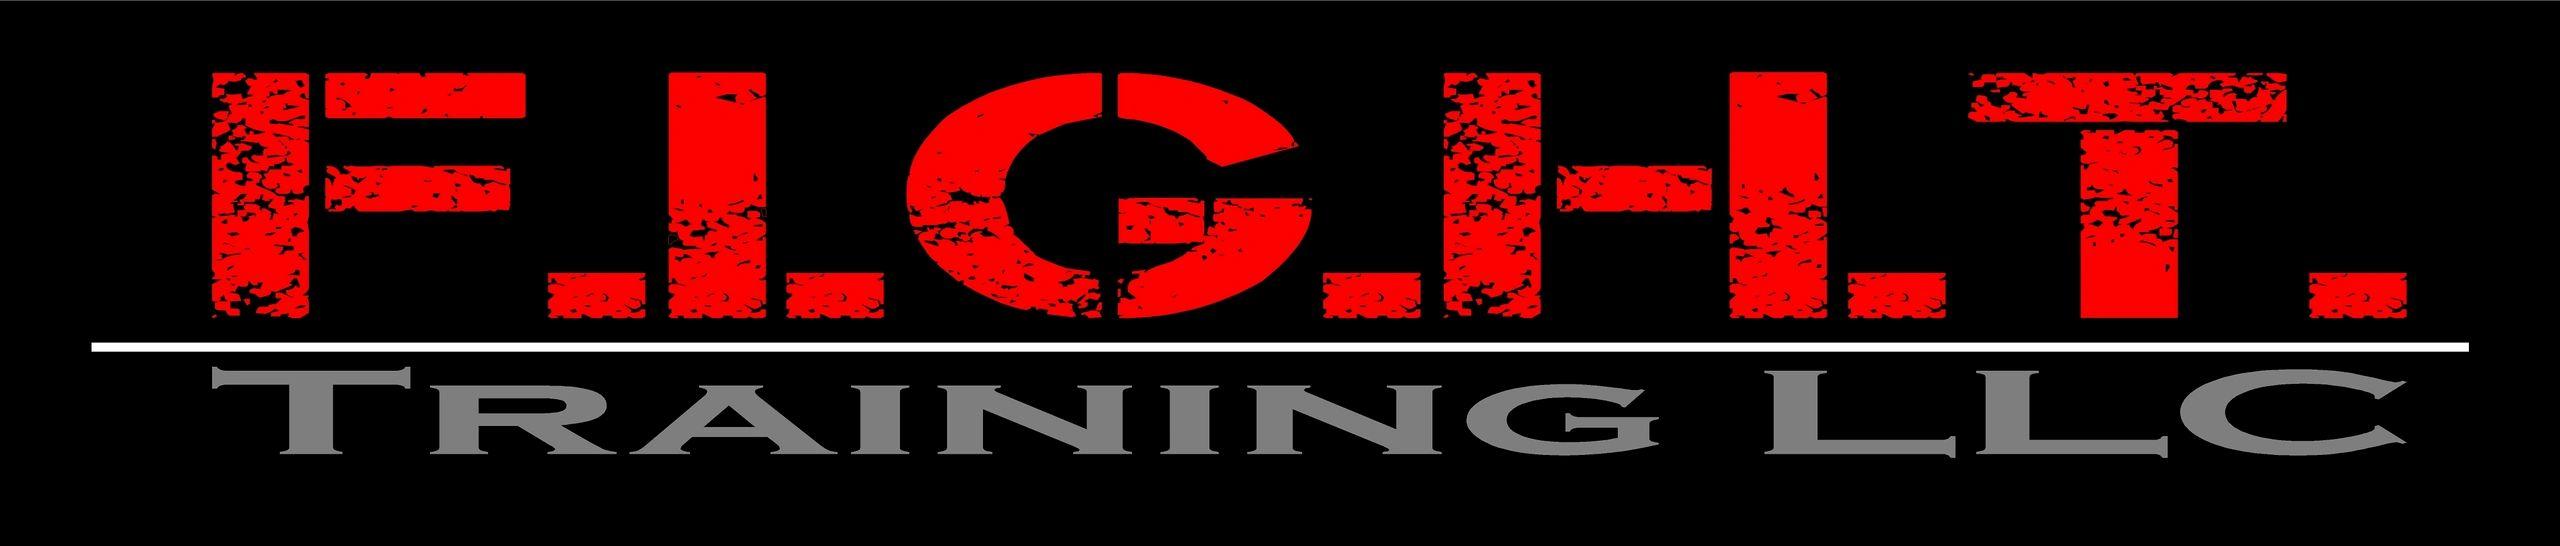 F I G H T Training LLC - Firearms Training, Firearm Safety